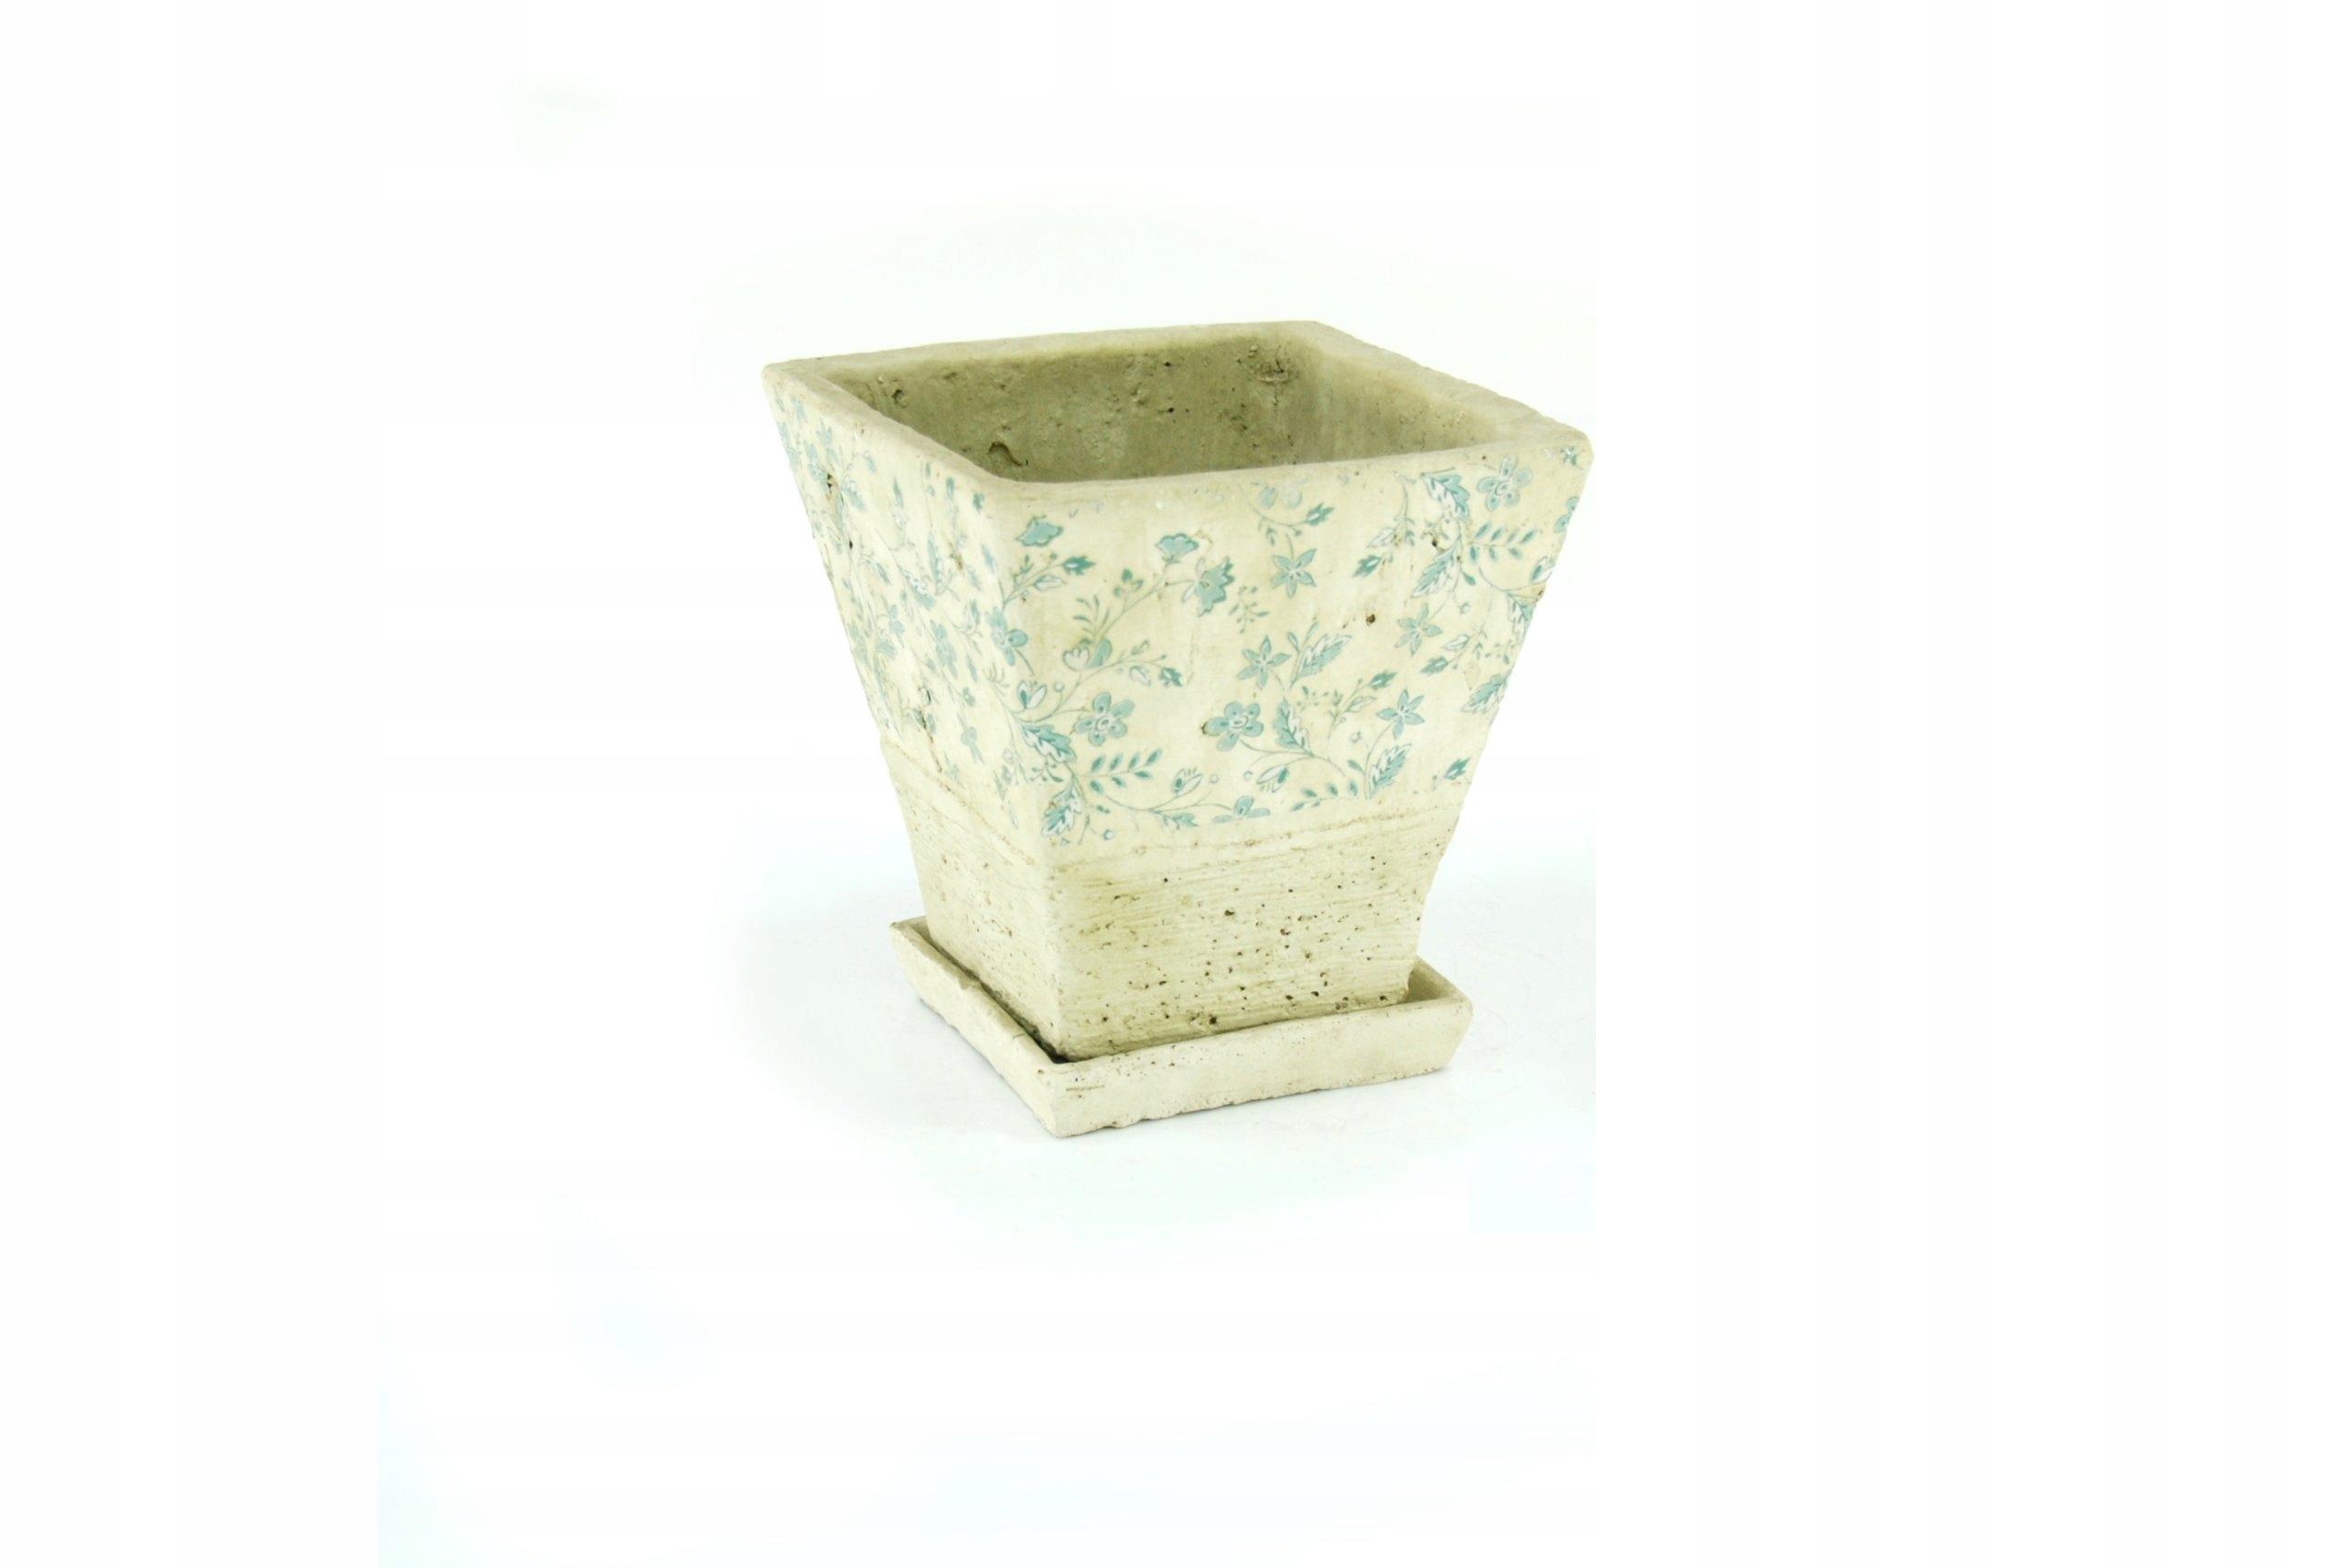 Doniczki Doniczka Ceramiczna Donice Donica 7535297462